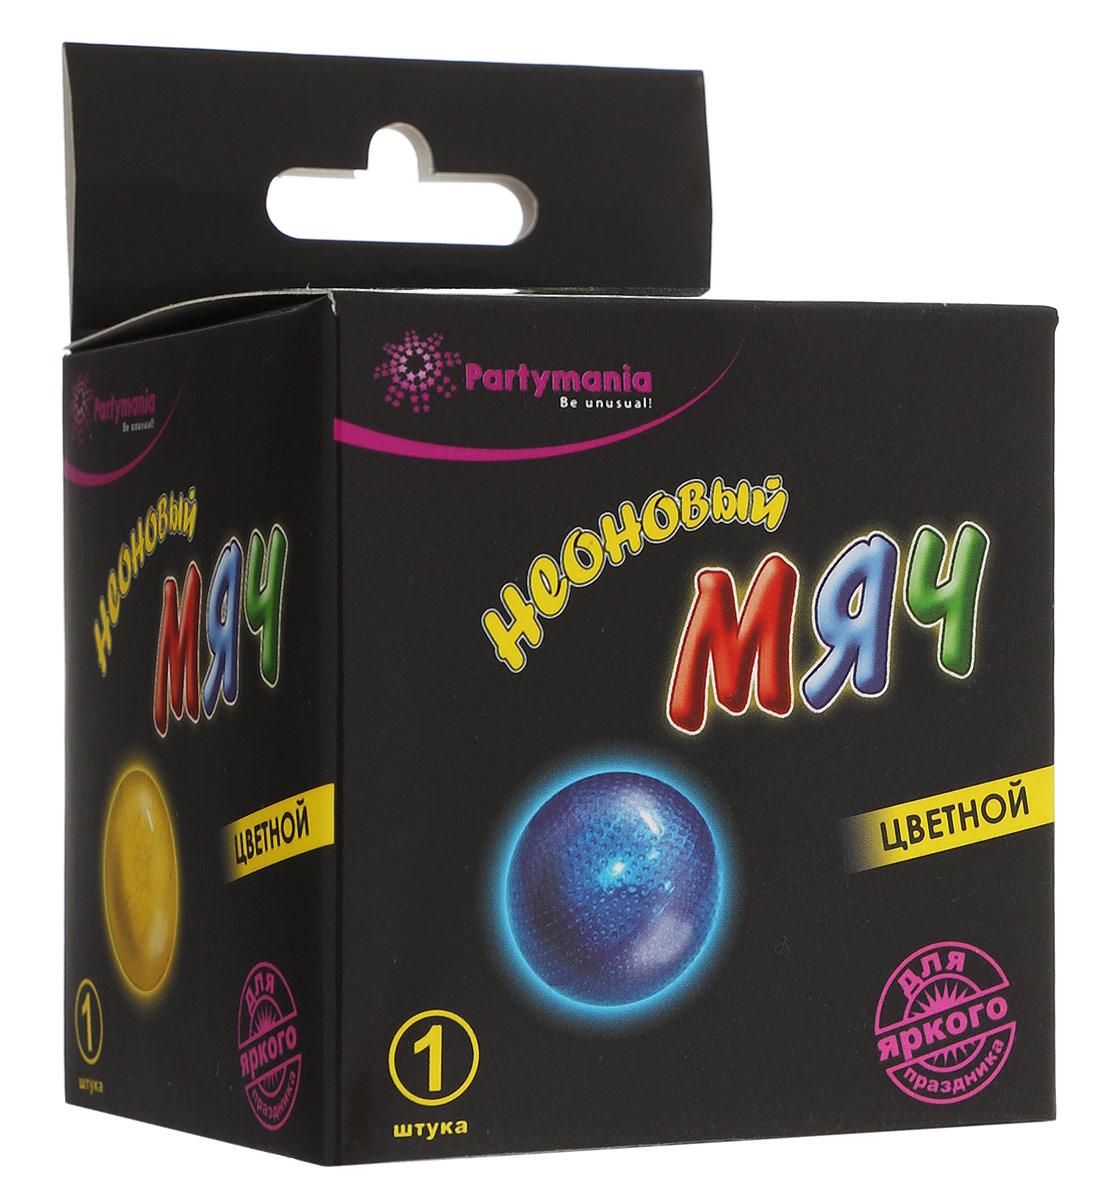 Partymania Неоновый мячT0119Неоновый мяч Partymania - изделие для праздников и активных игр. Внутри мяча находится капсула с неоновой жидкостью. При ударе мяча о землю капсула разрывается, жидкости смешиваются и светятся в течение 8 часов. Уважаемые клиенты! Обращаем ваше внимание на ассортимент в цвете товара. Поставка осуществляется в зависимости от наличия товара на складе. Мяч представлен в 4 расцветках (красный, голубой, желтый, зеленый). Состав: ацетилированный трибутилцитрат, бис (3, 5, 6- трихлоро- 2- карбопентиокси) оксалат, трет-бутиловый спирт, диметилфталат, перекись водорода, салицилат натрия, 9, 10-бис (фенилэтинил) антрацен, вода.